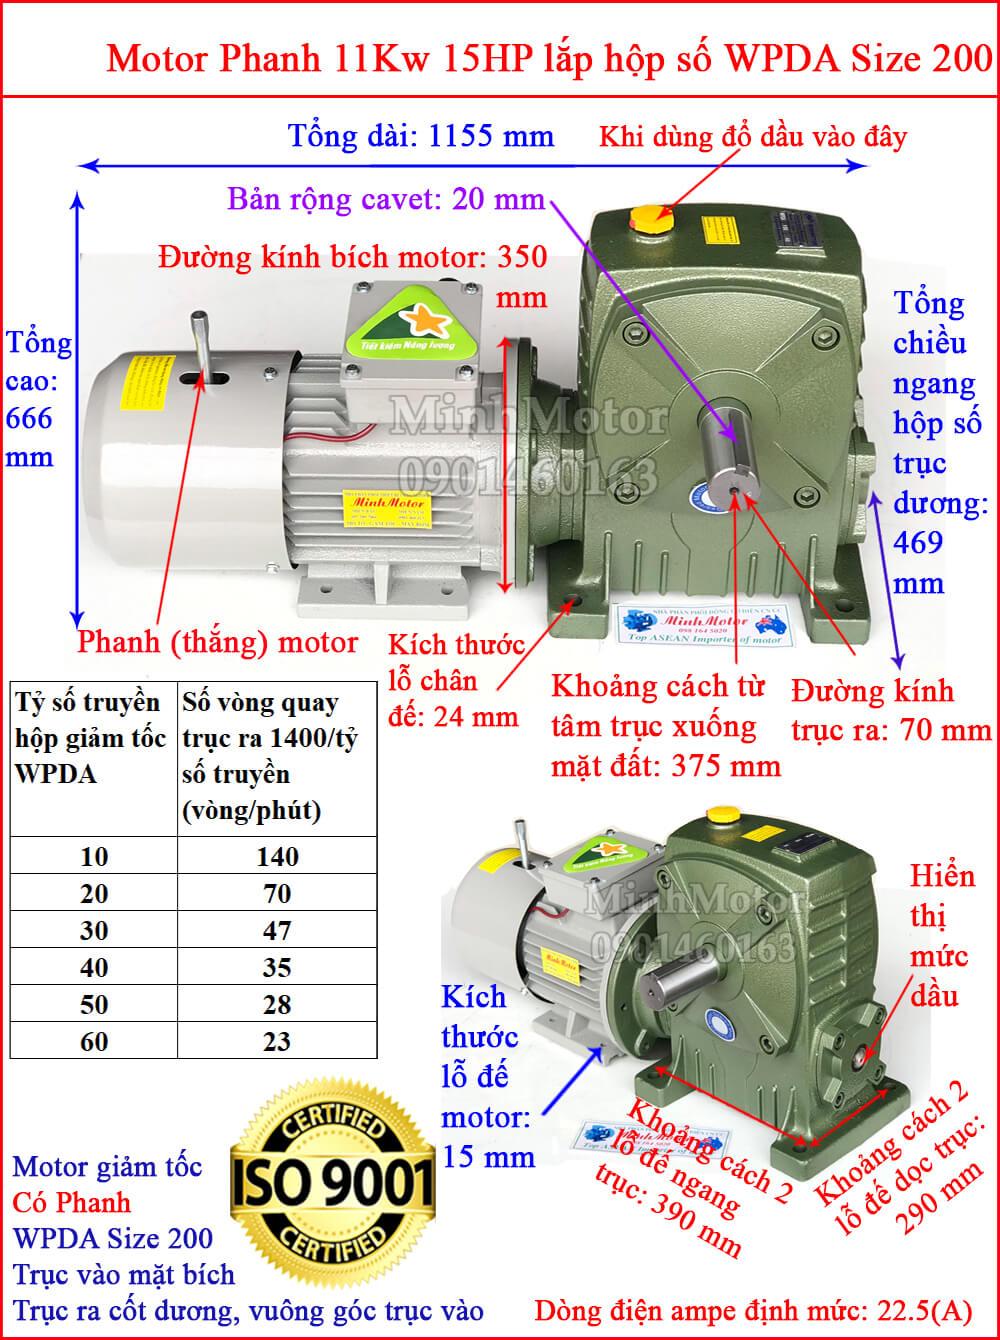 motor phanh 11kw 15hp liền hộp giảm tốc trục vít wpda size 200